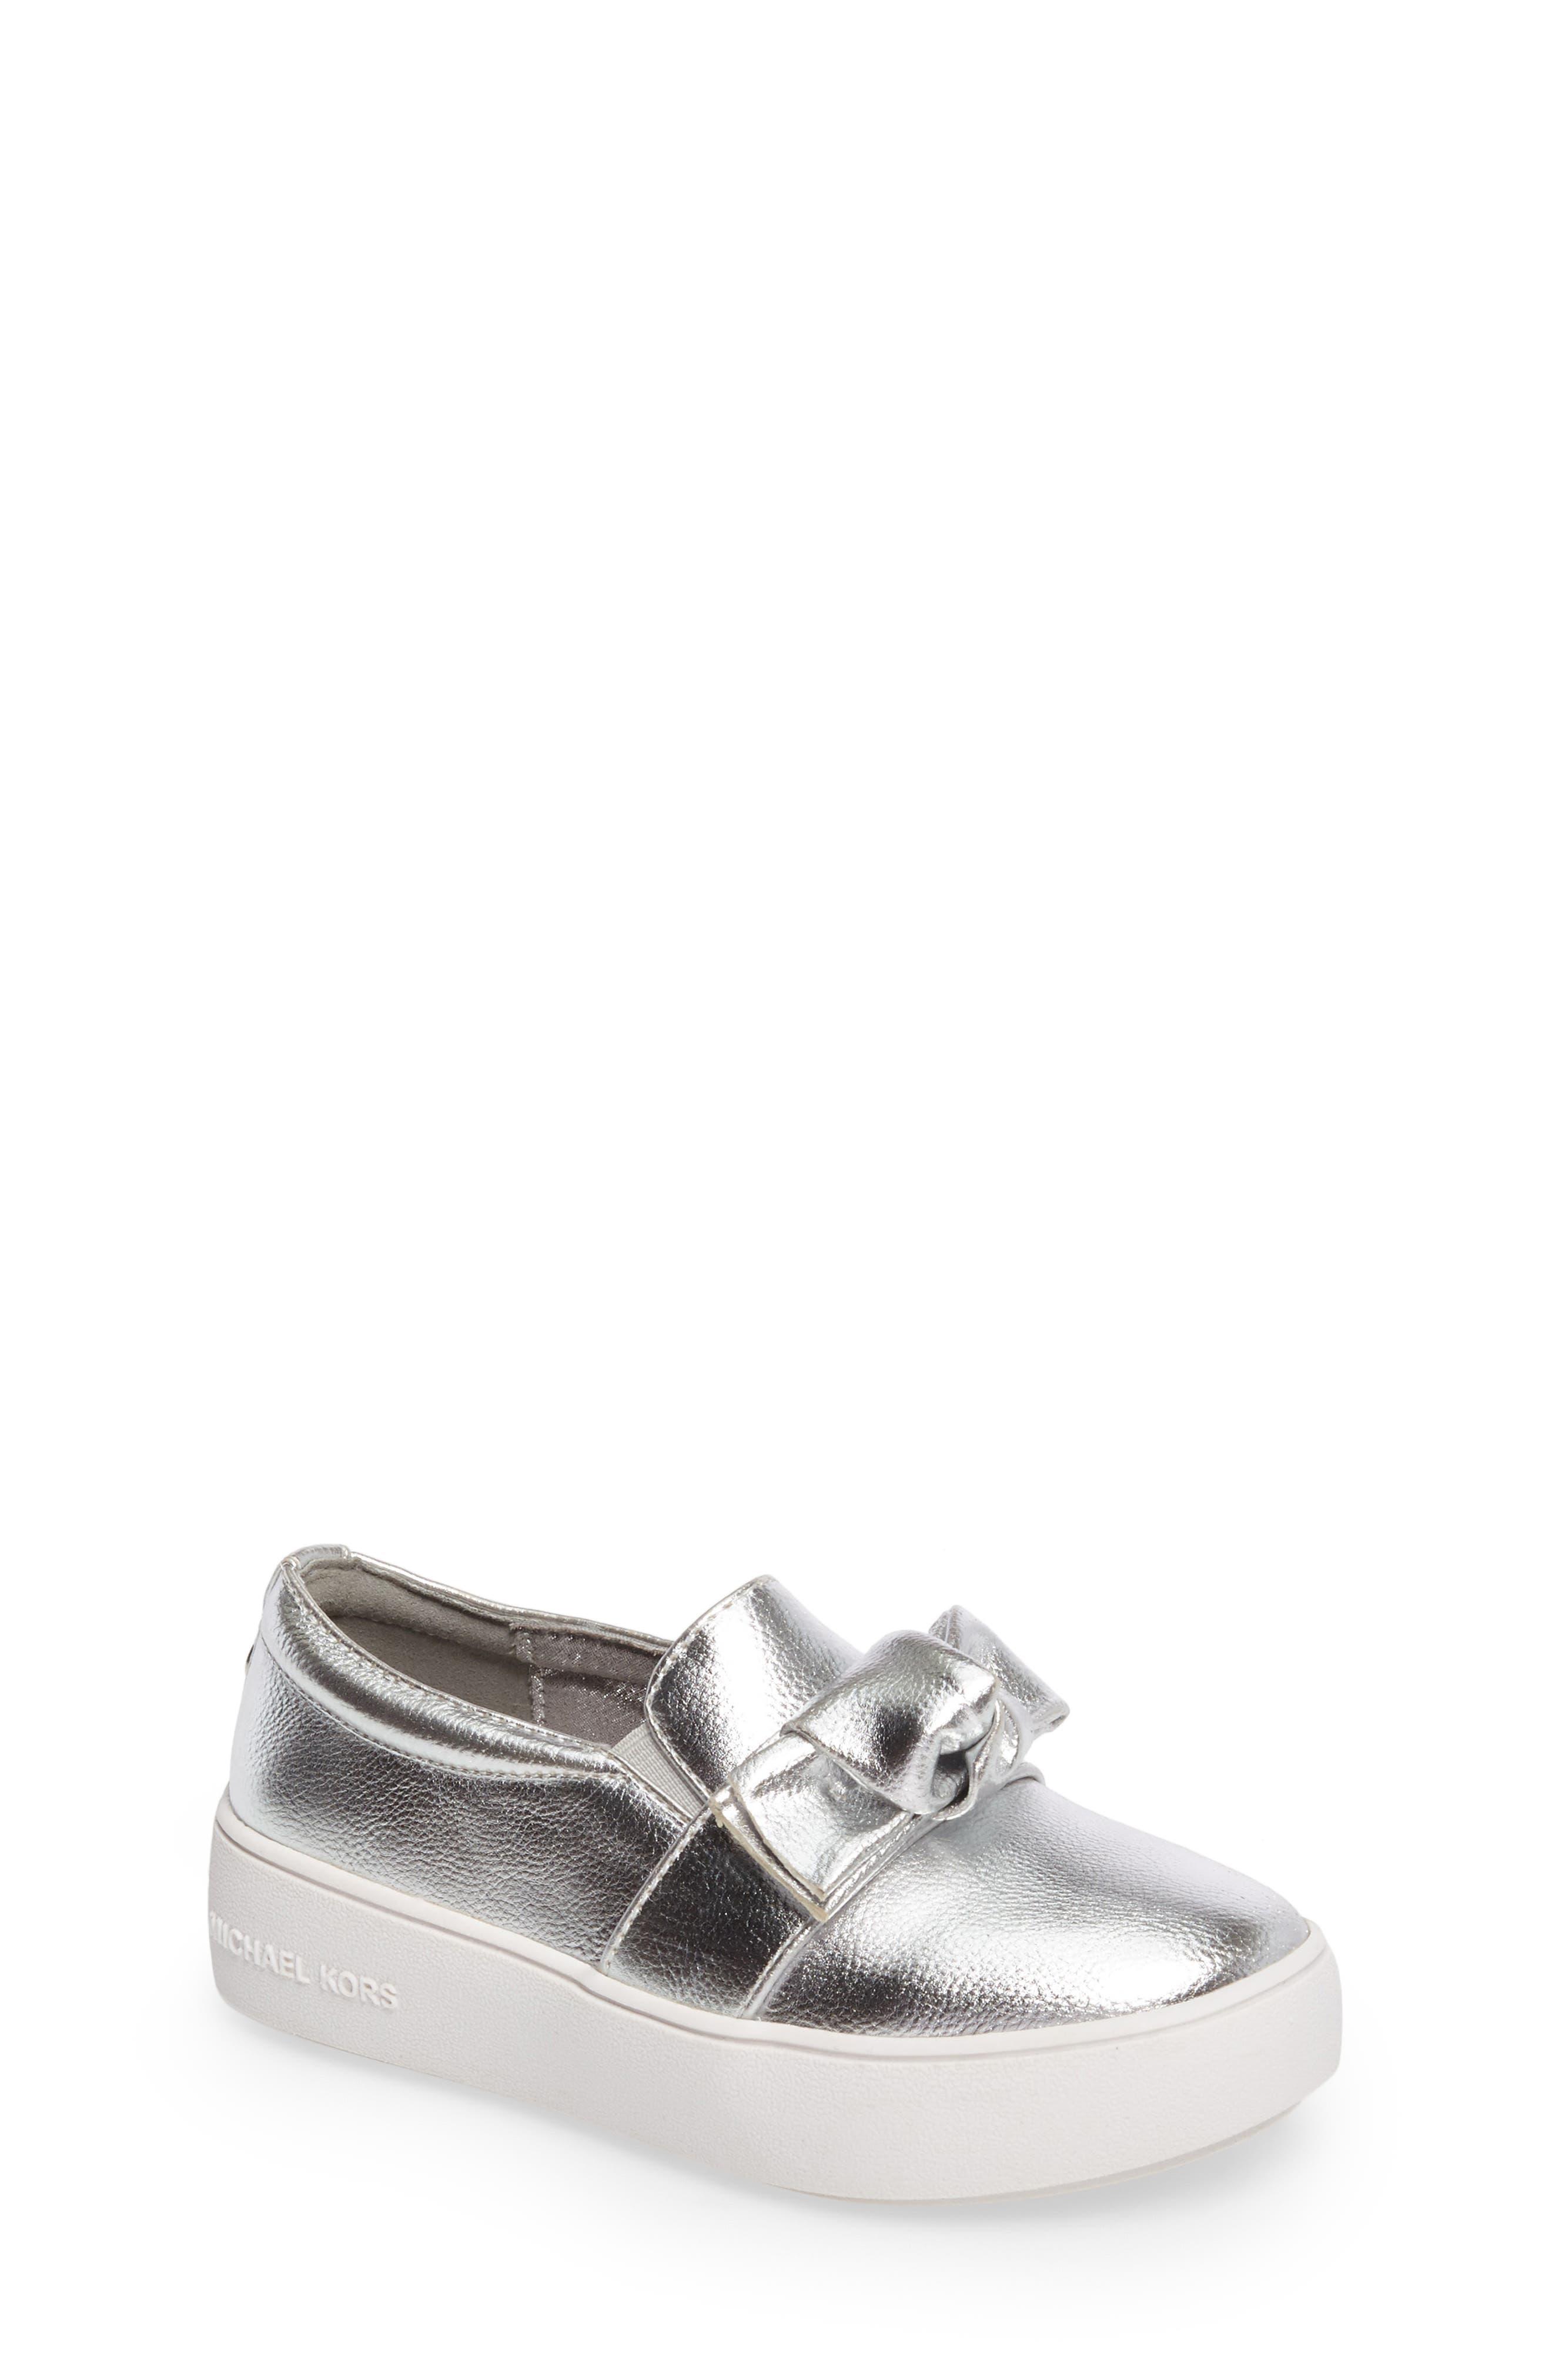 MICHAEL Michael Kors Maven Poppy Knotted Slip-On Sneaker (Walker, Toddler, Little Kid & Big Kid)